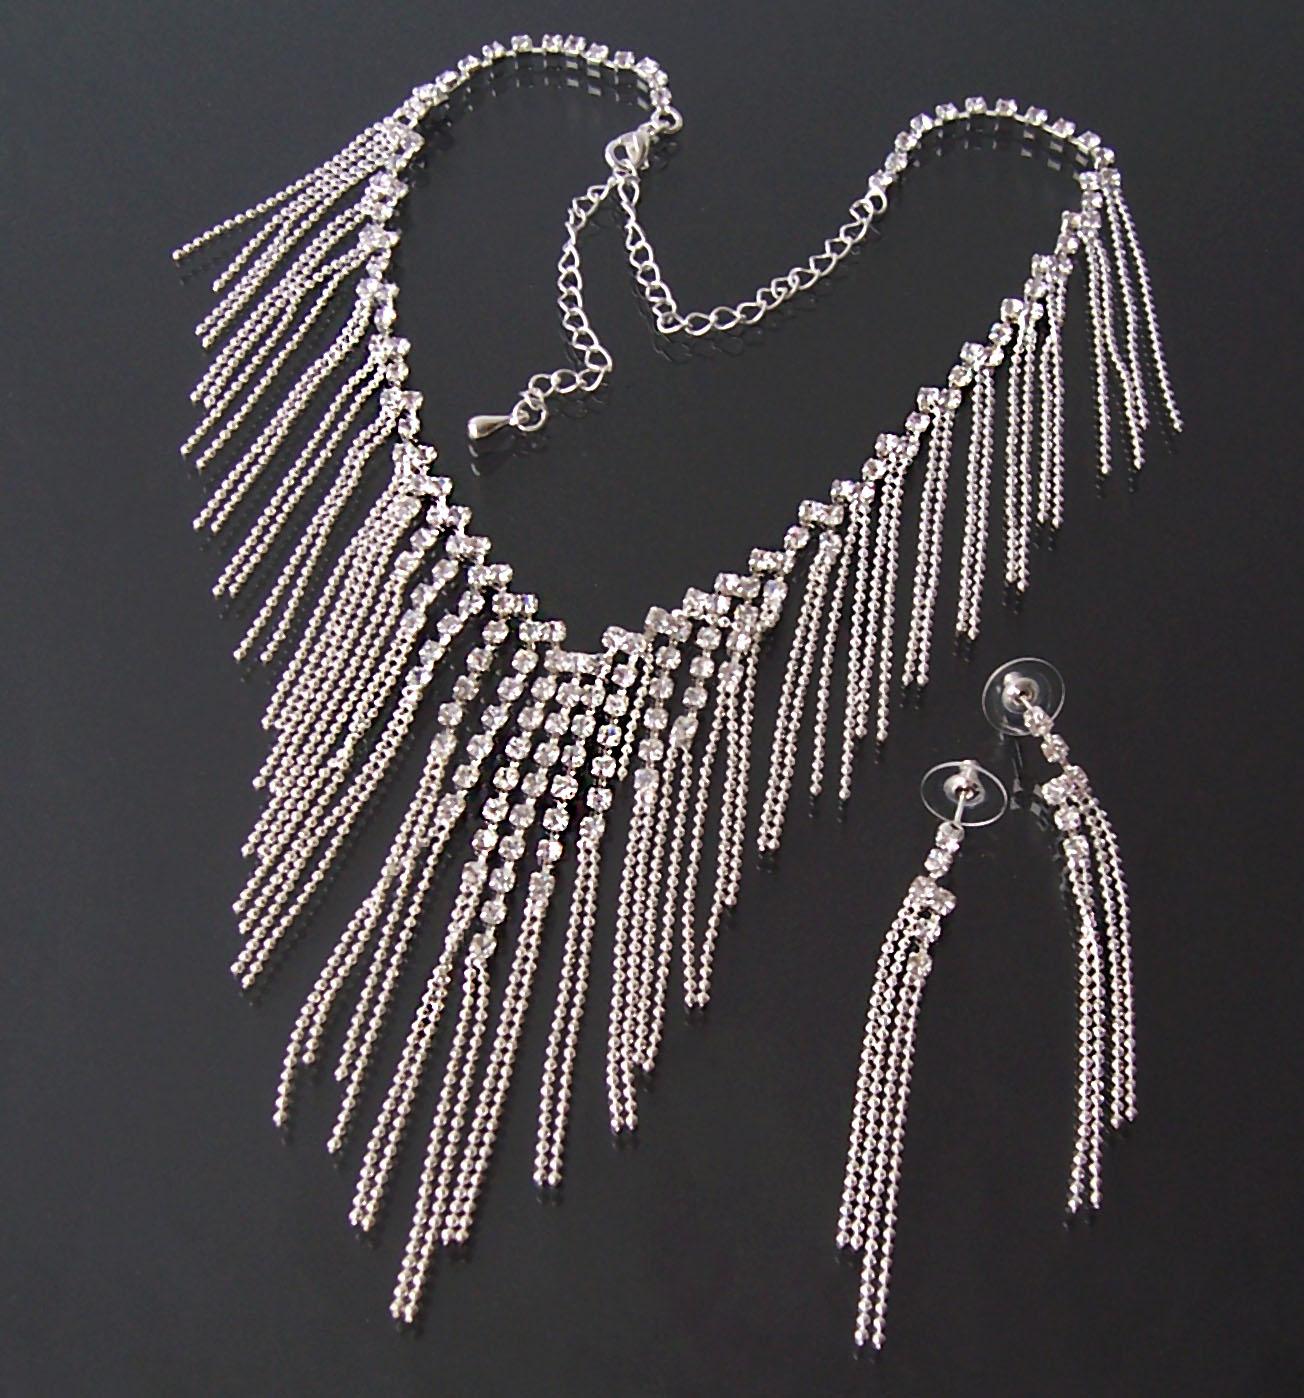 Schmuckset Collier Halskette Ohrringe silber Strass Braut Party Schmuck S1412